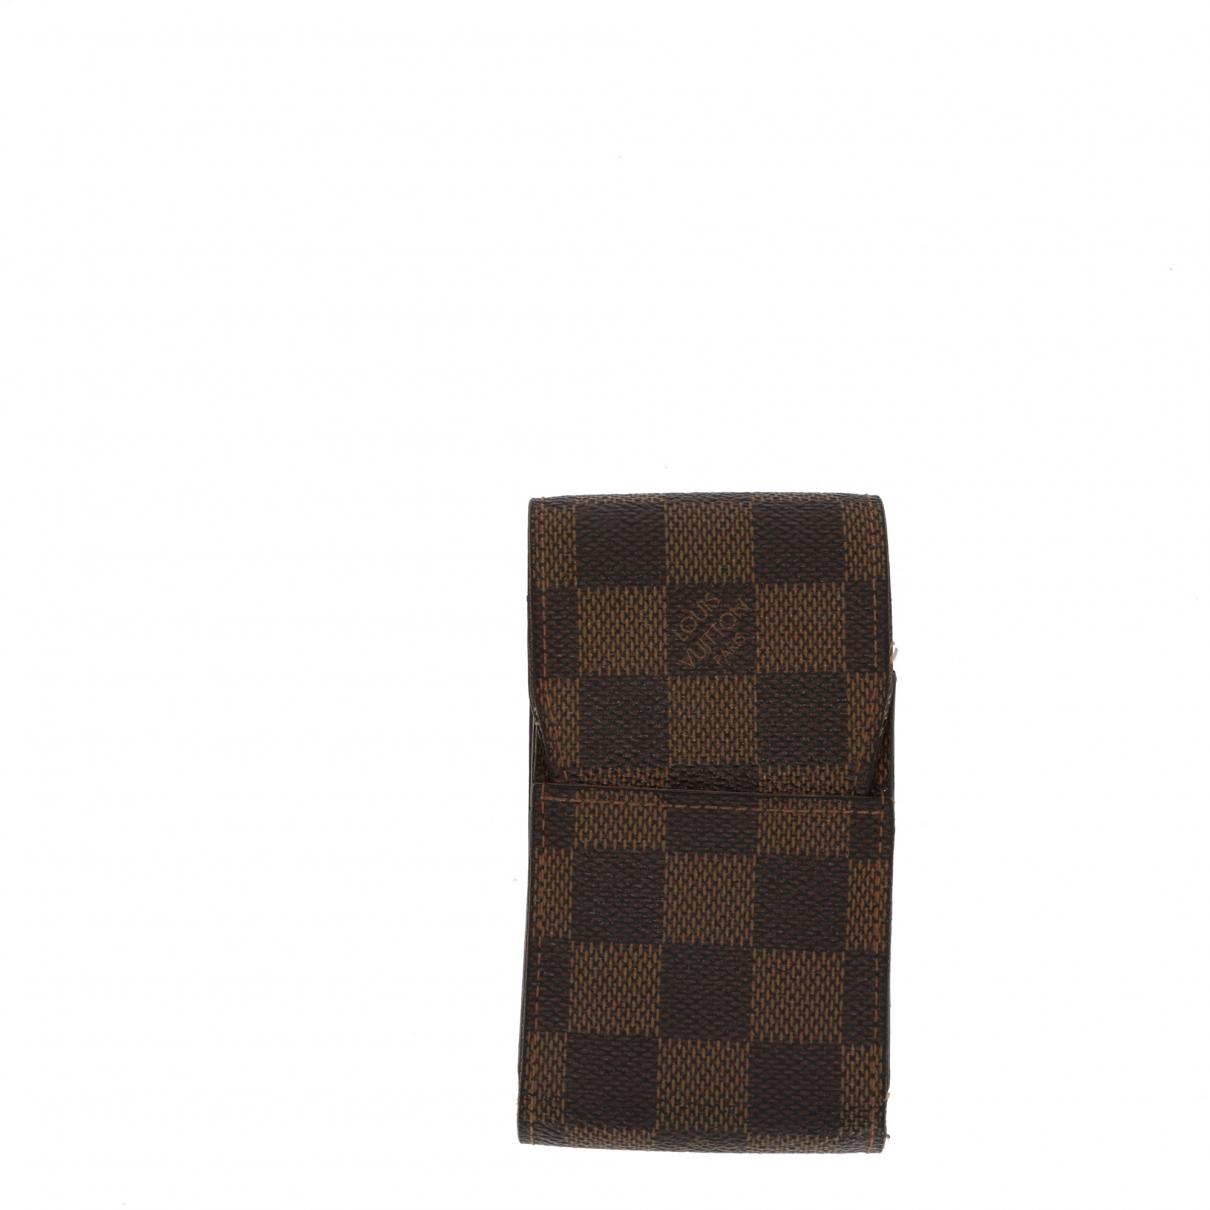 Louis Vuitton - Ceinture   pour femme en toile - marron